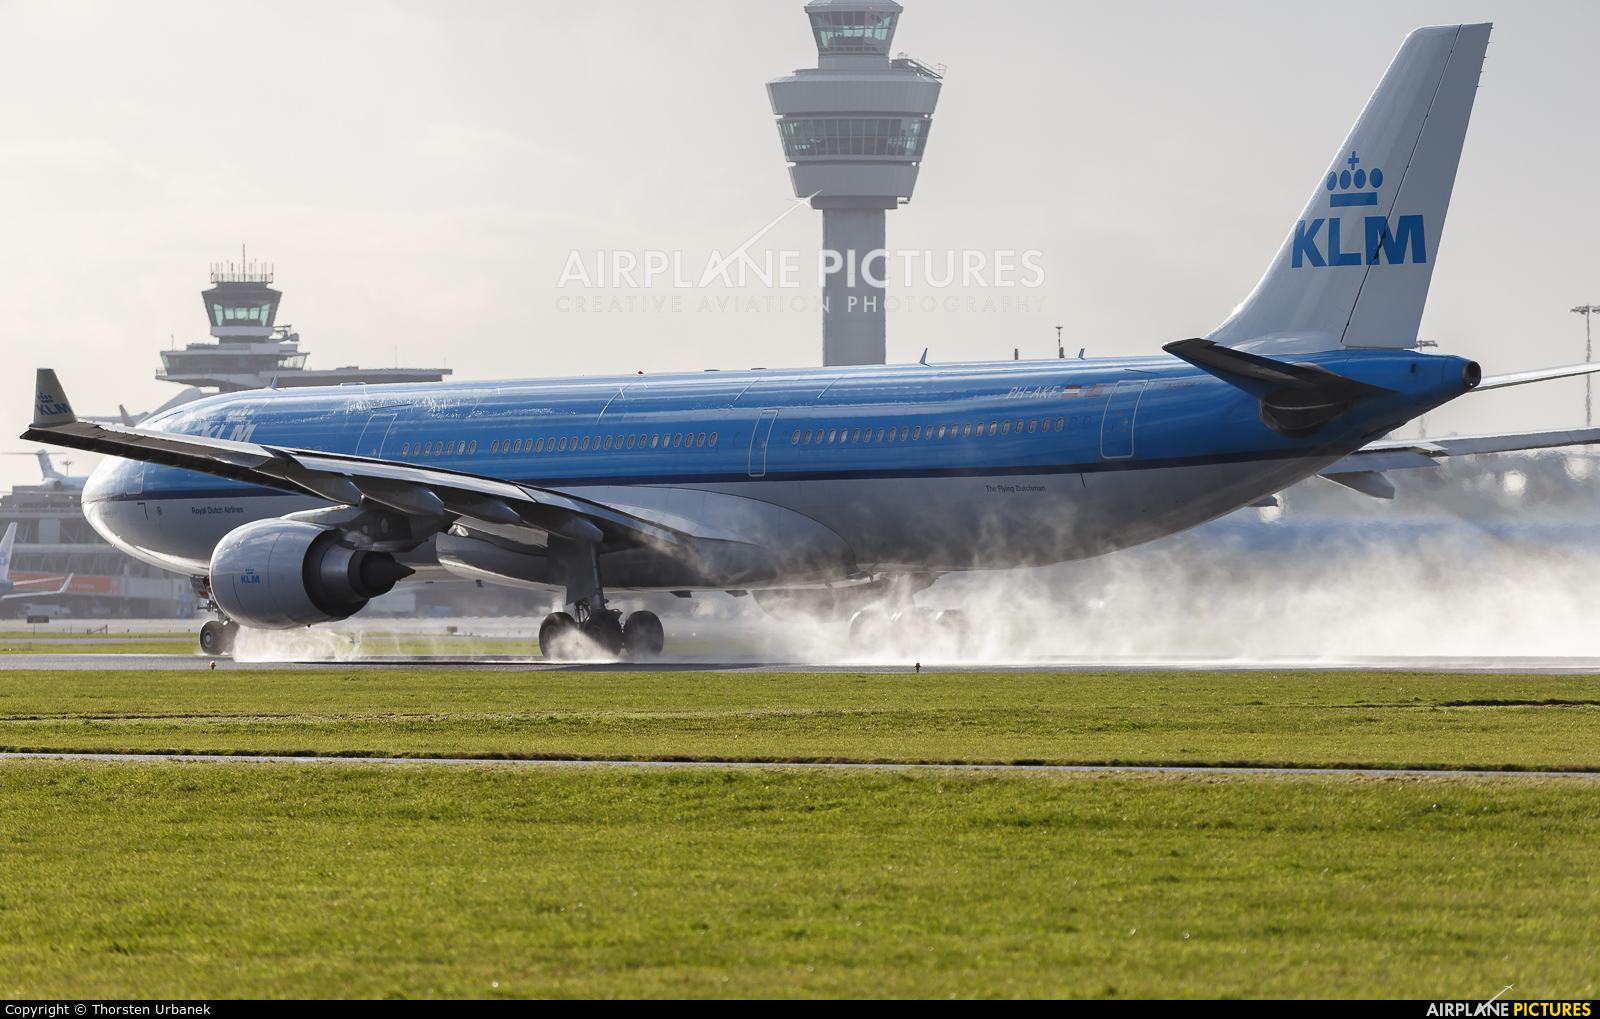 KLM PH-AKF aircraft at Amsterdam - Schiphol